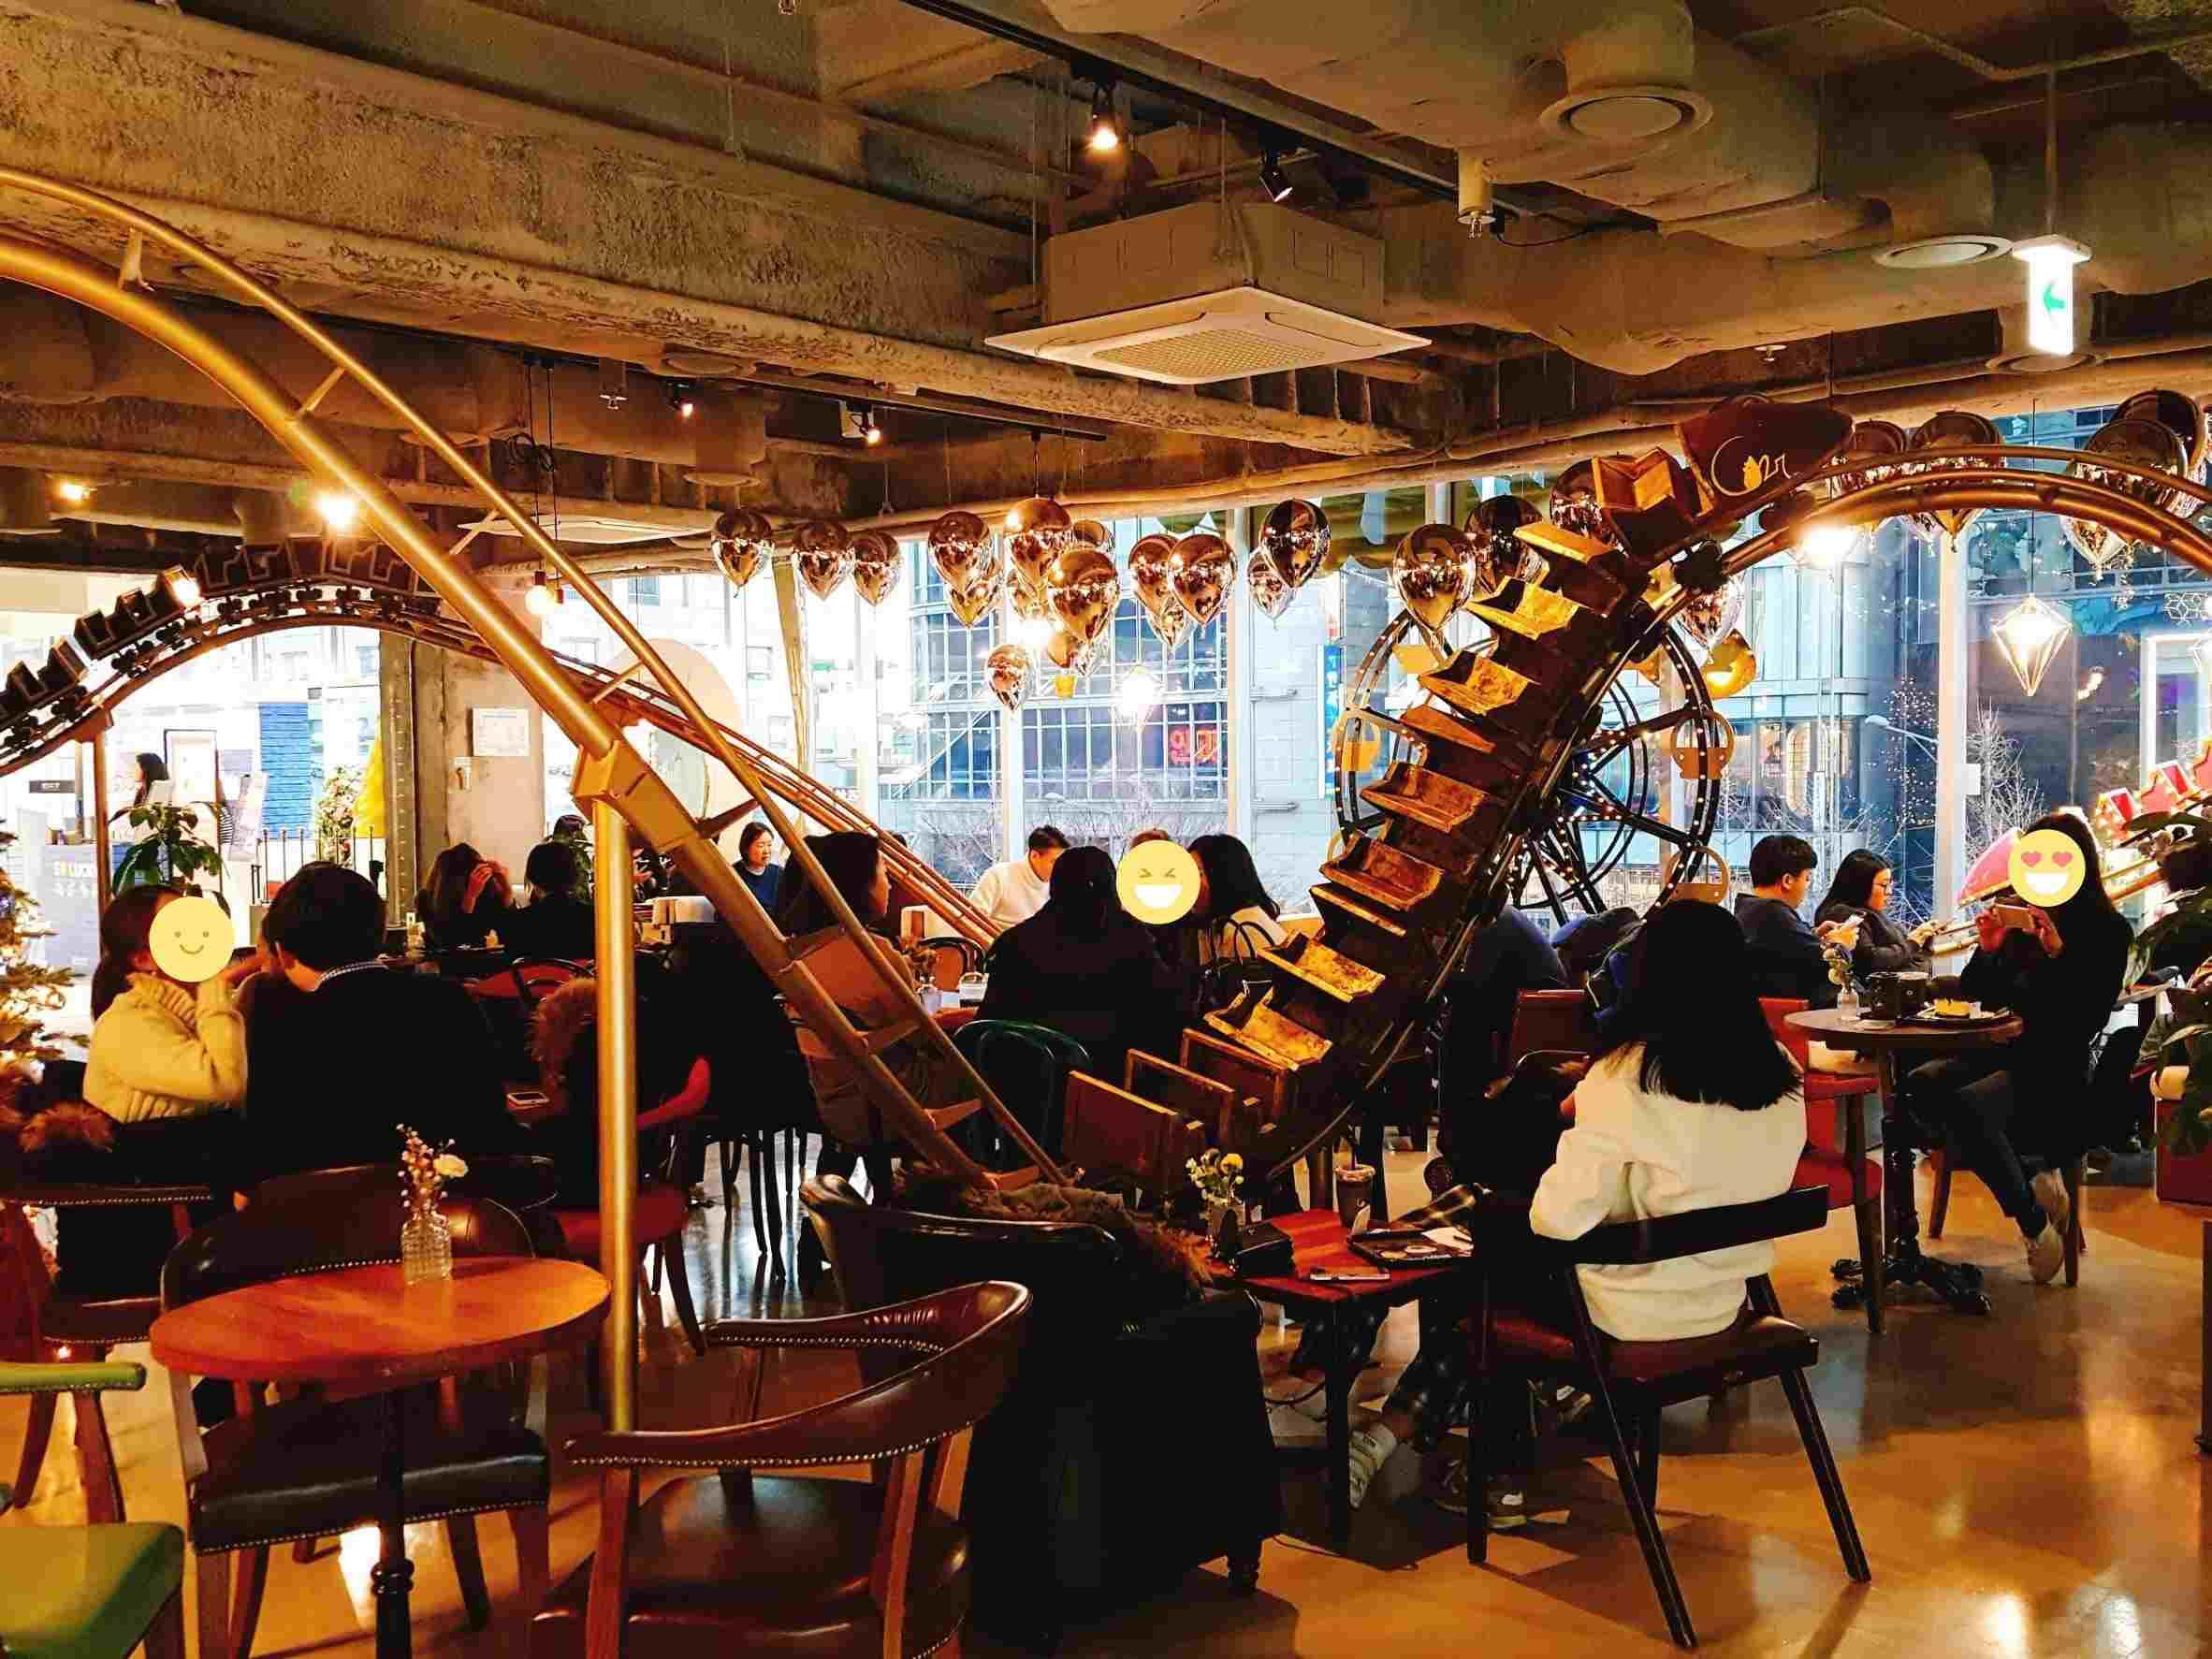 再走進去才發現,這些雲霄飛車軌道是穿梭在整家咖啡廳裡,走路還要注意會不會撞到軌道呢!! 小編是認真的!!在這裡走路要小心。